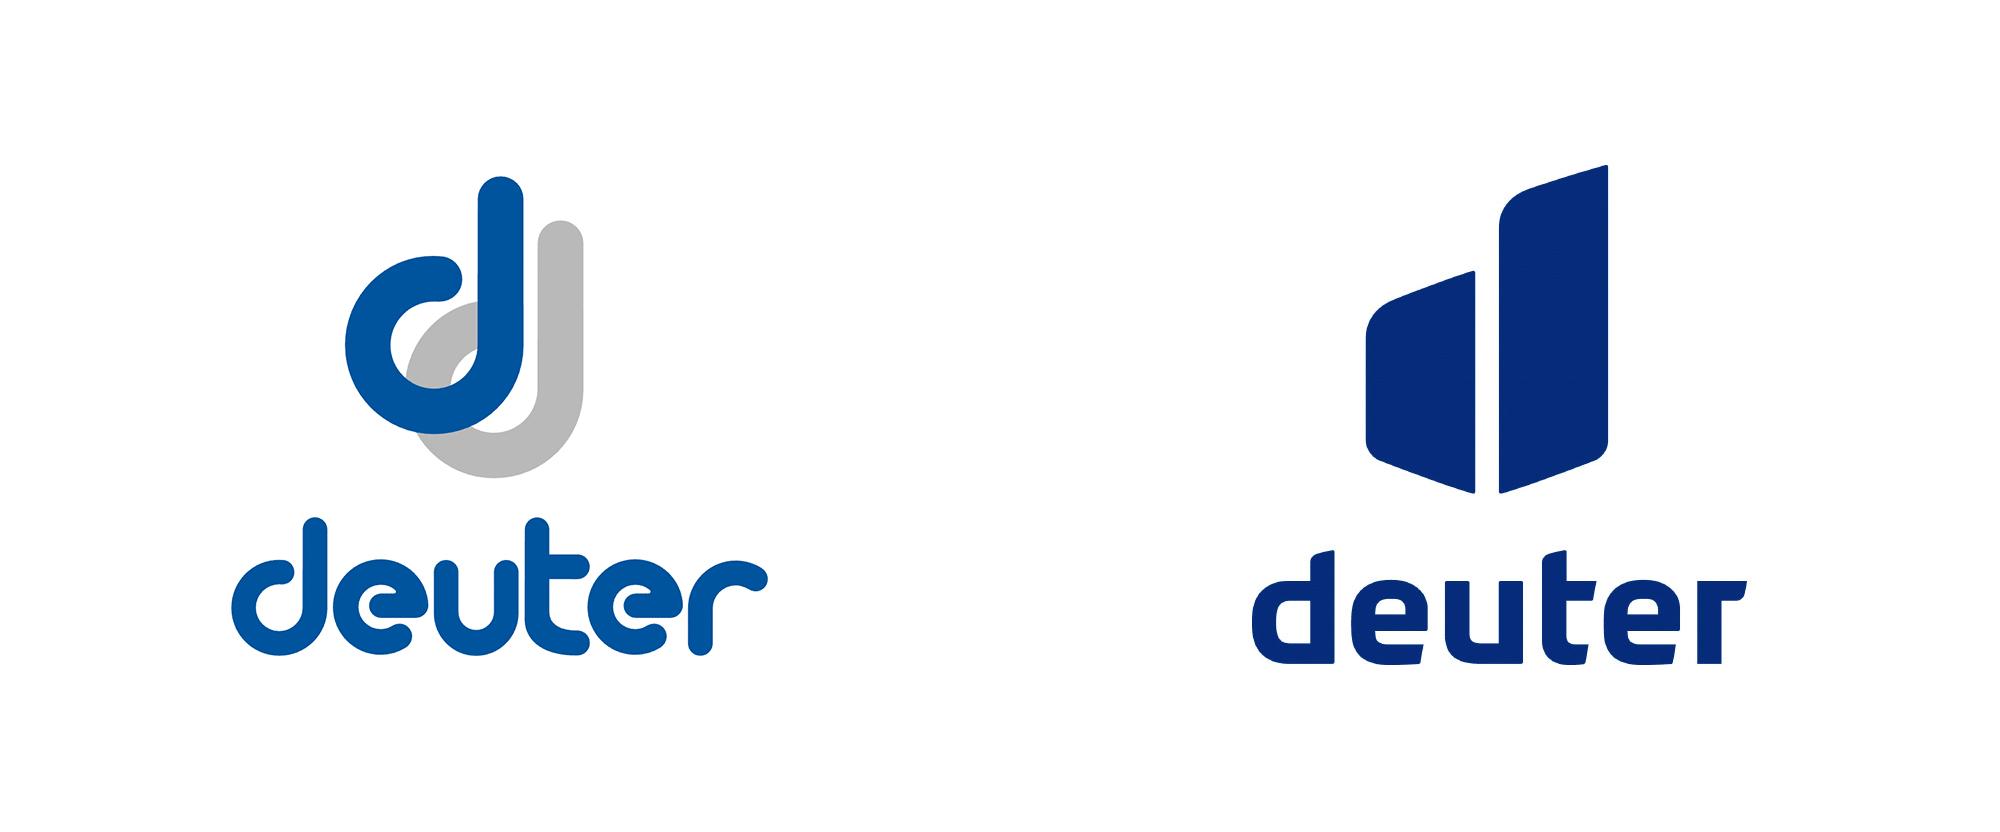 New Logo for Deuter by Zeichen & Wunder